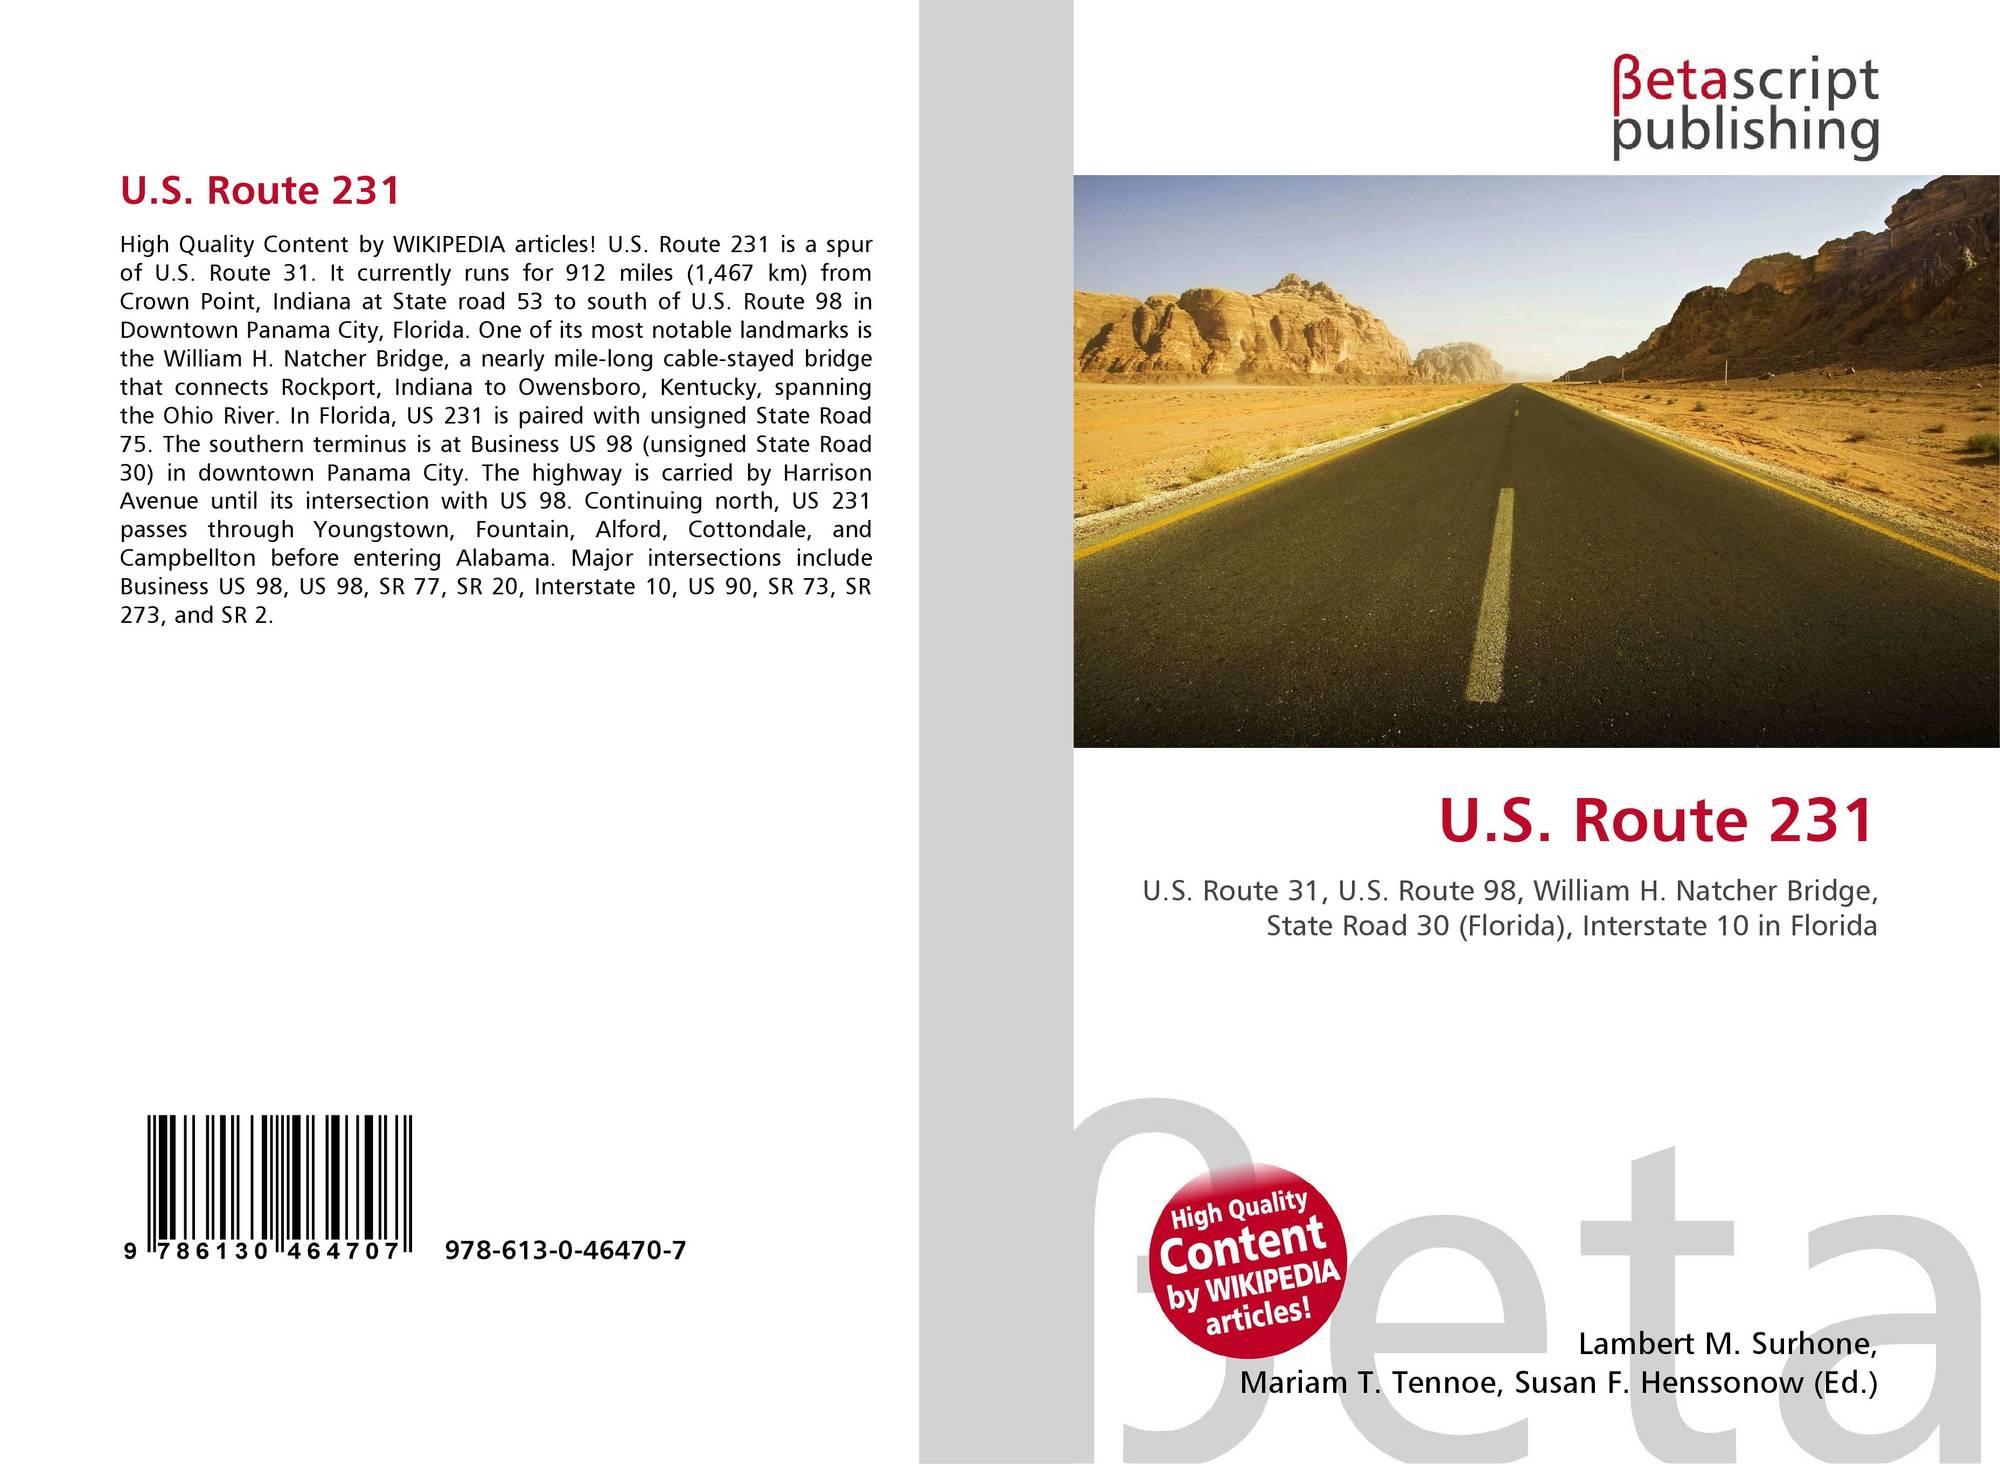 U.S. Route 231